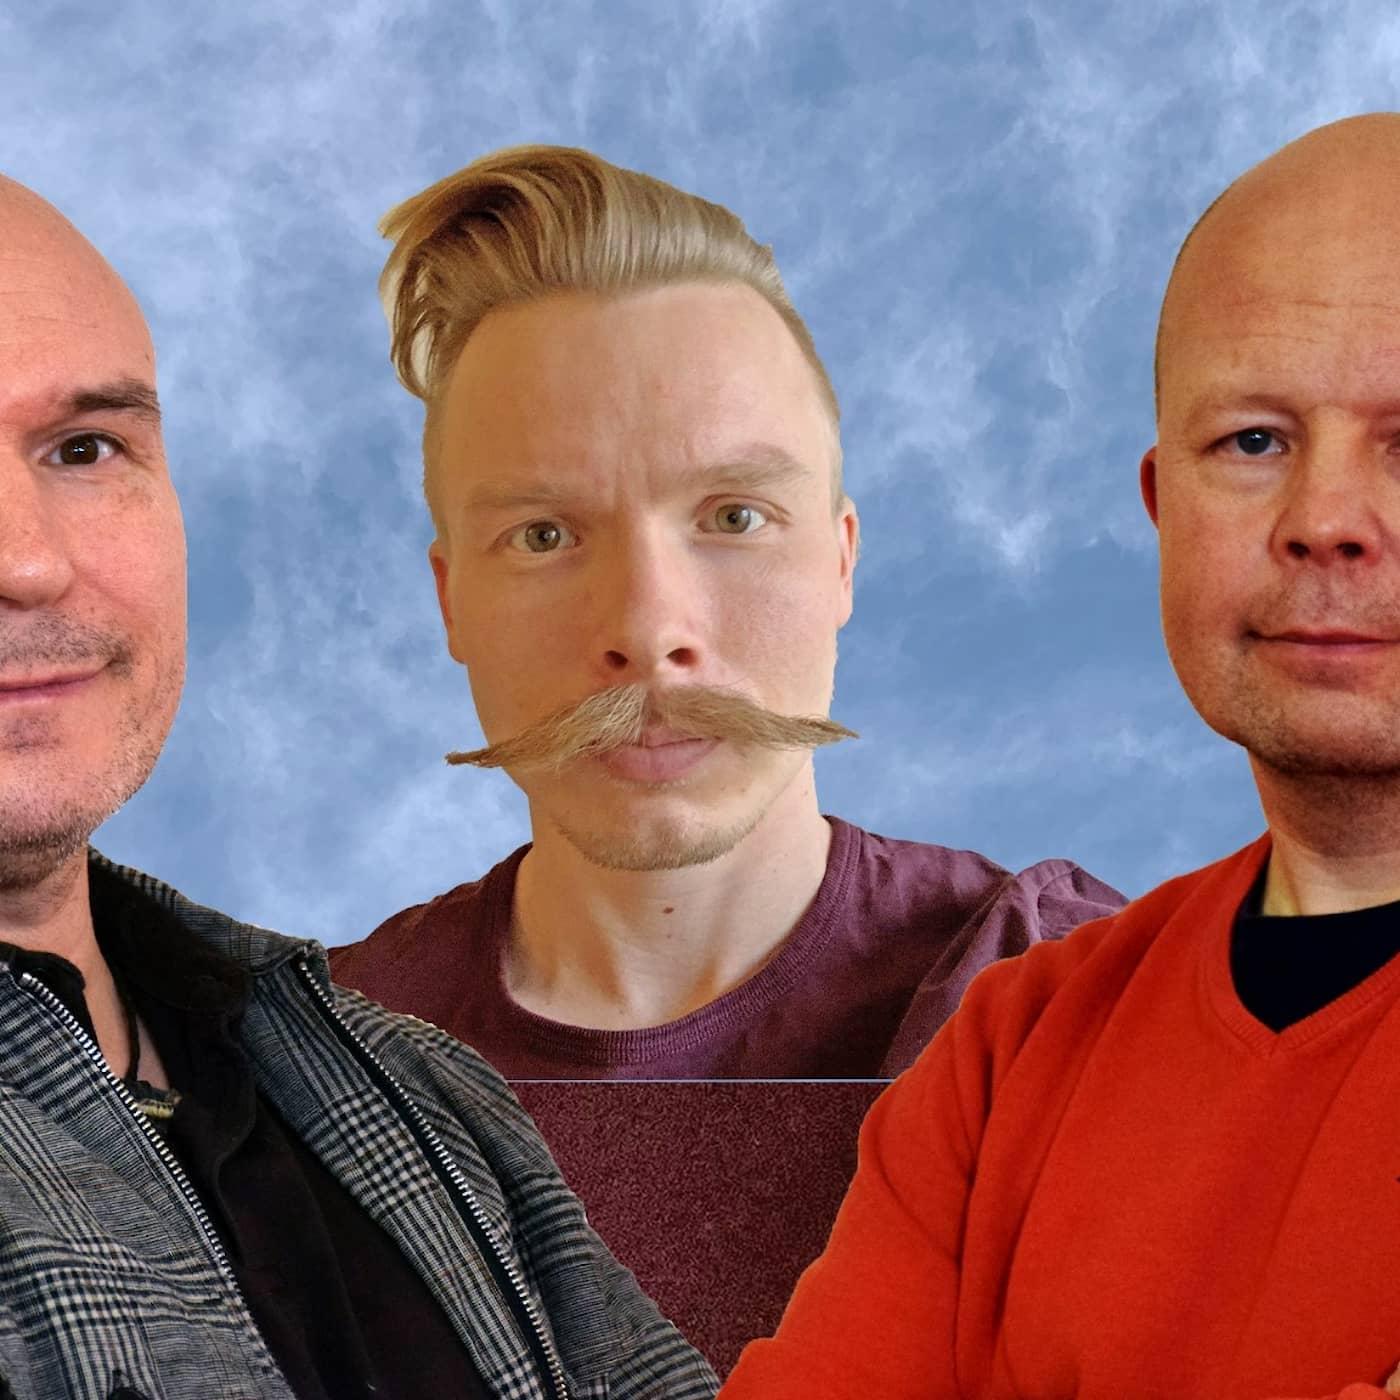 Politik Sápmi - Ny politisk ledning vald för Sametinget